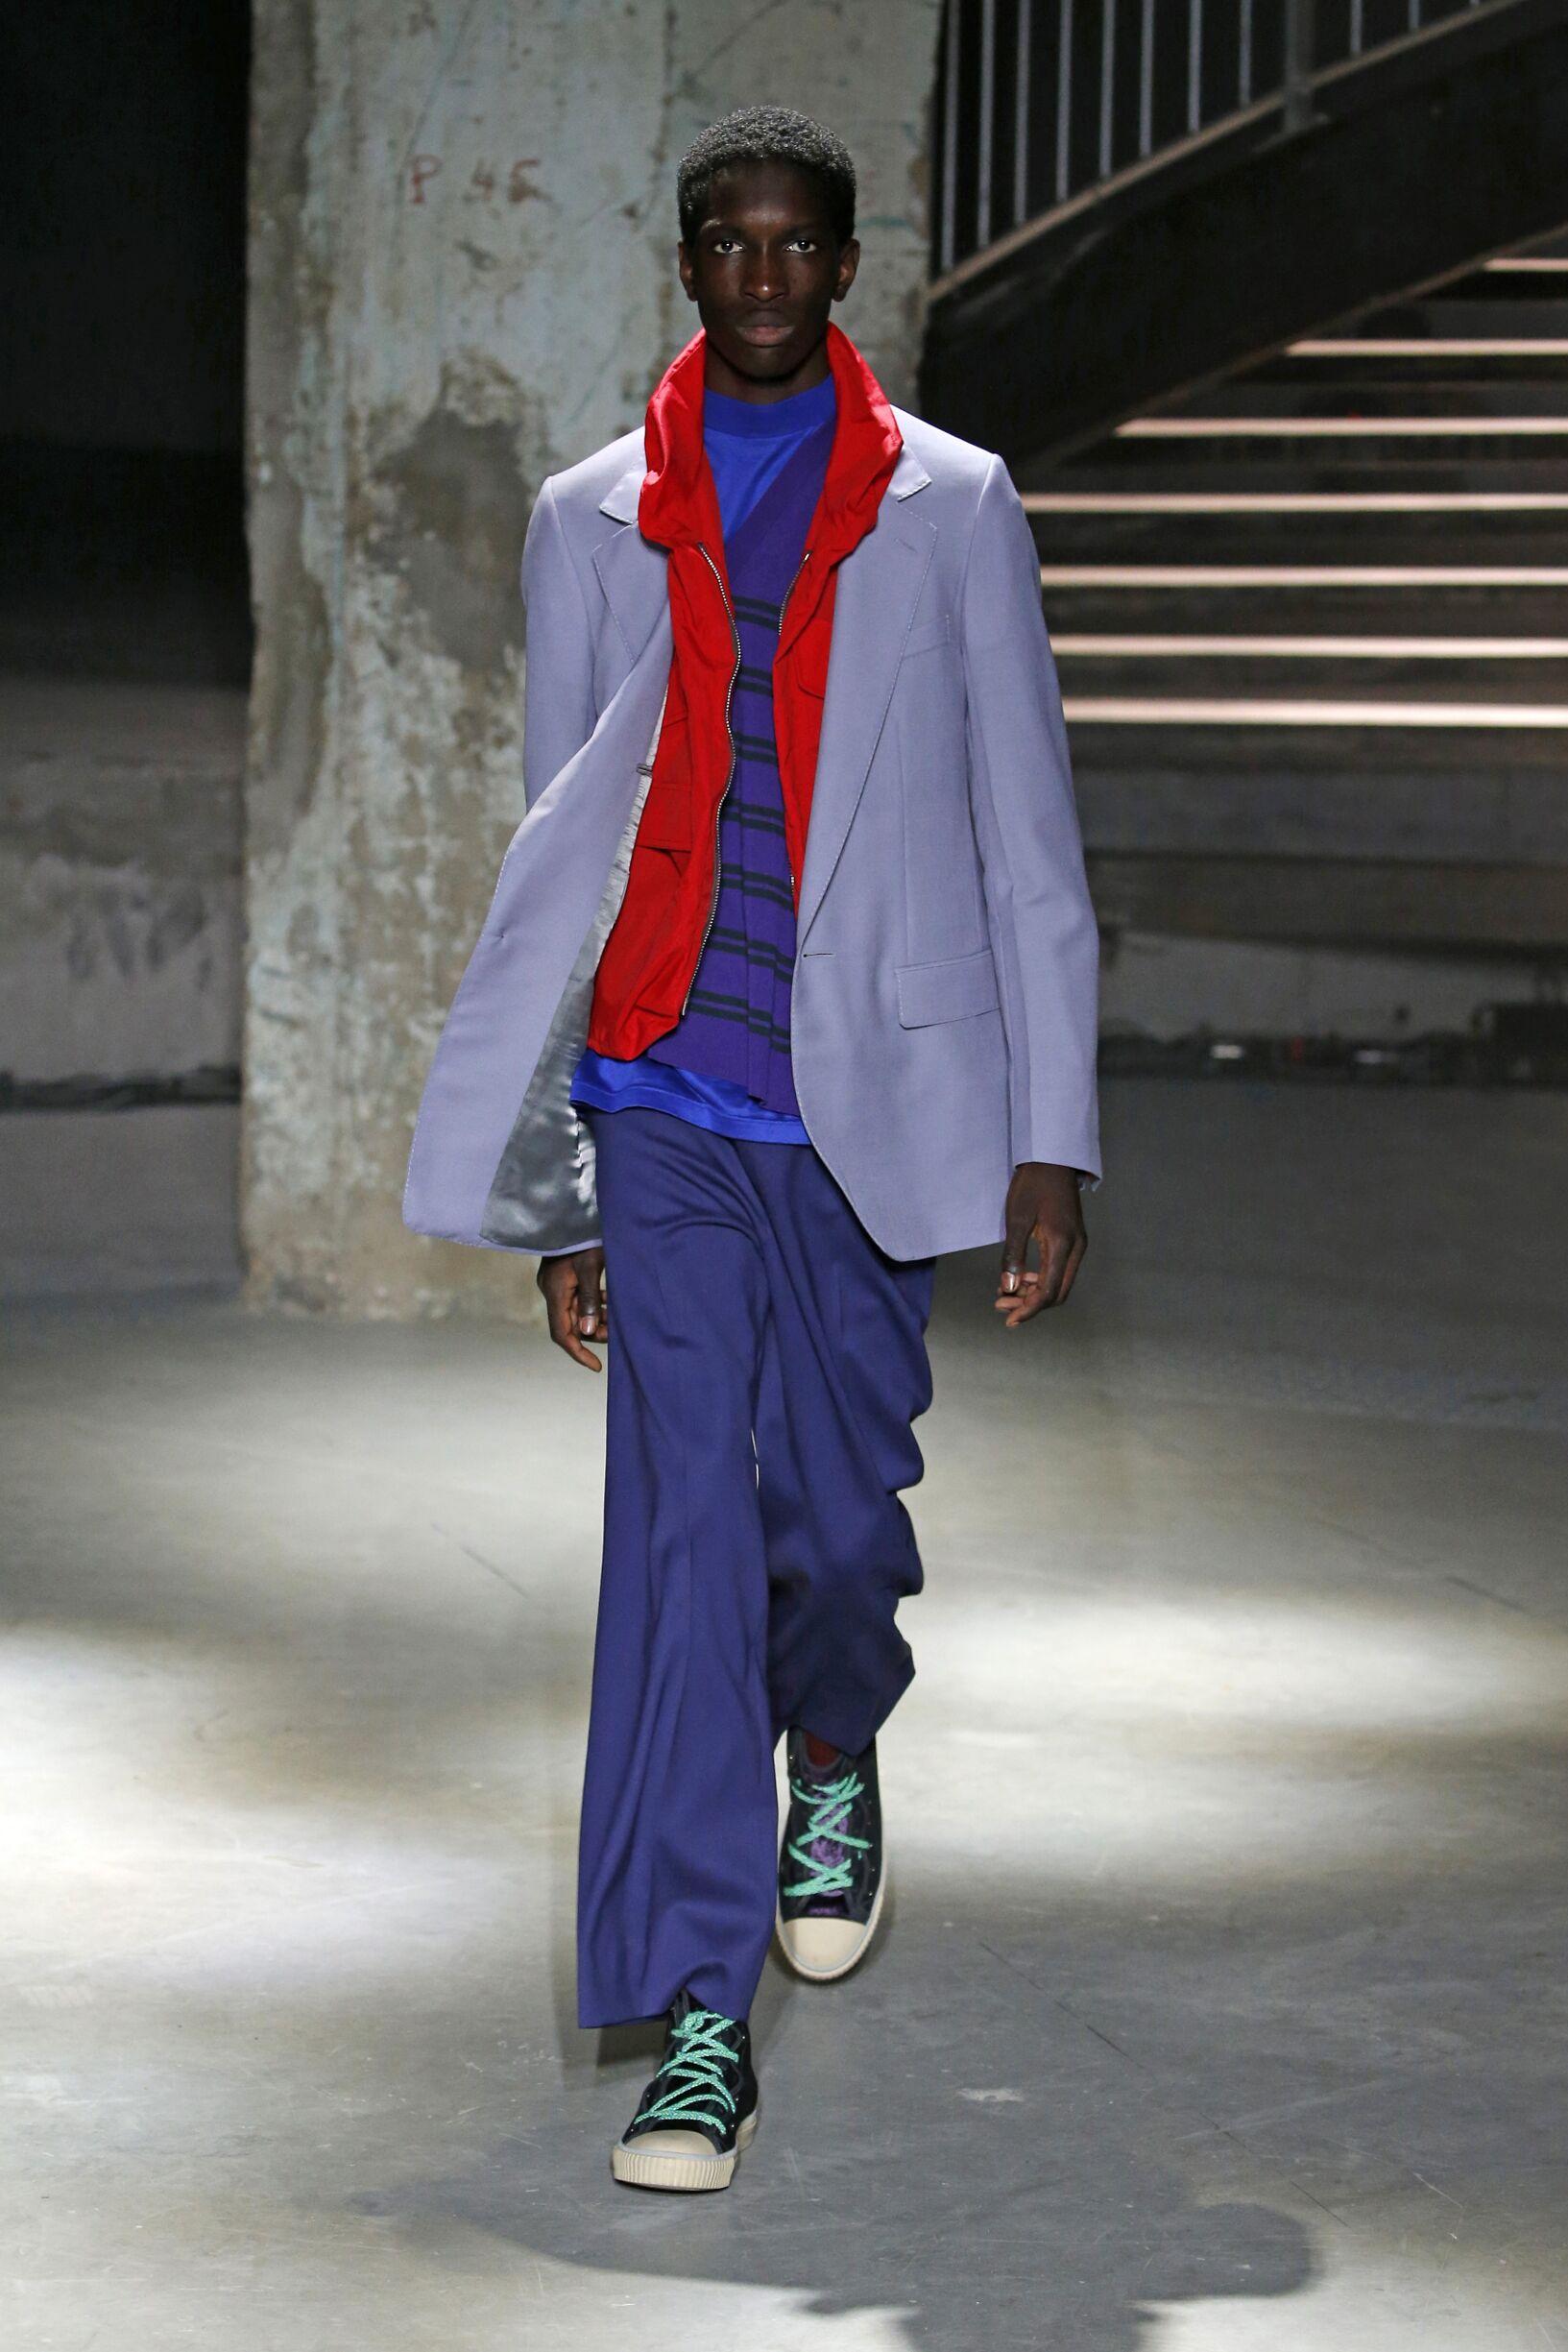 Lanvin Fashion Show SS 2019